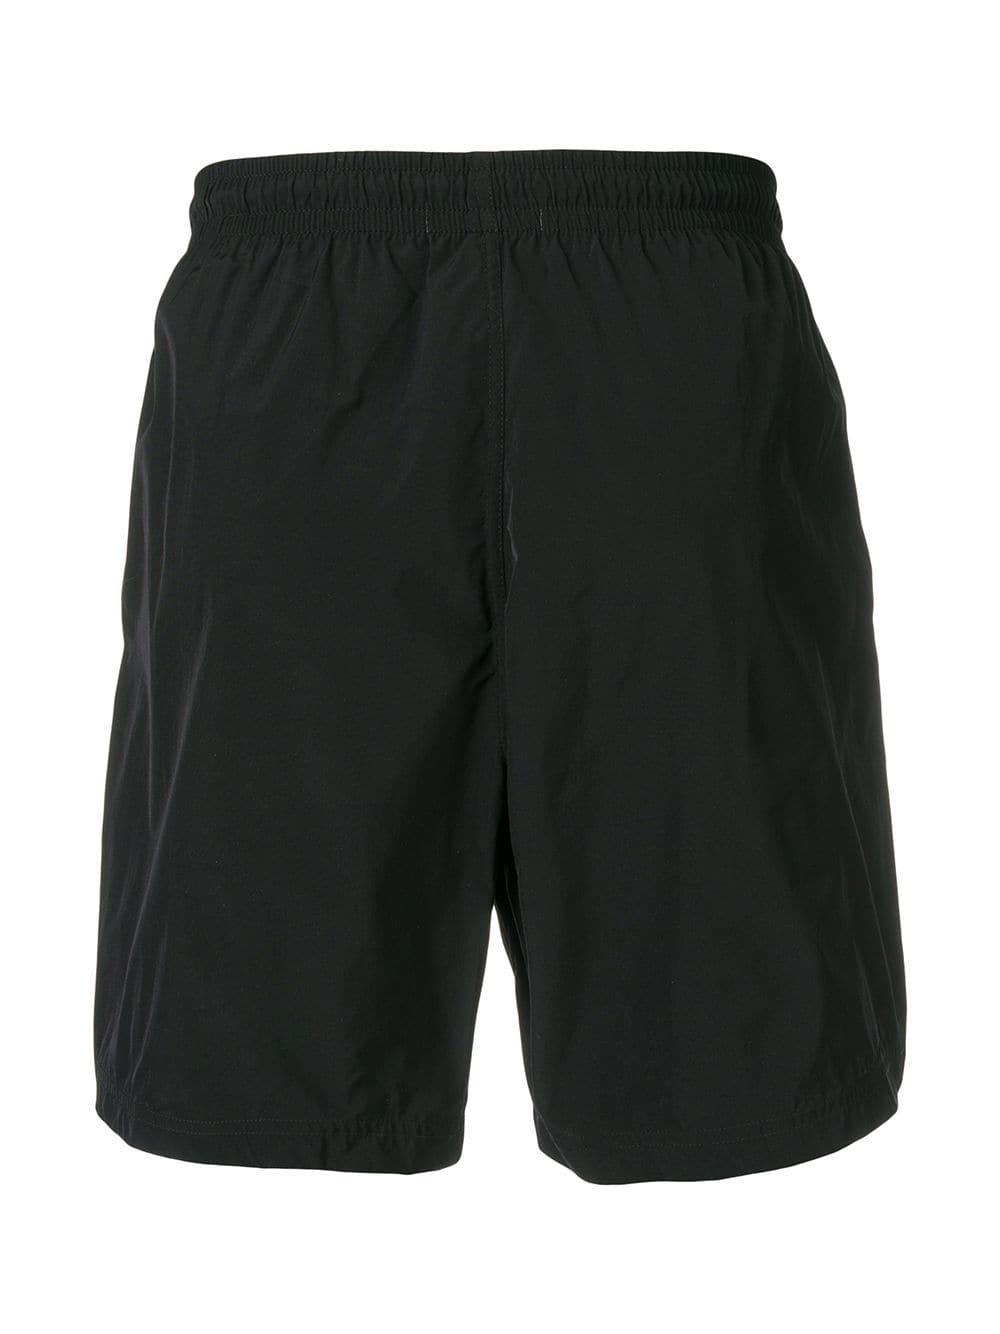 3500e807f4 Alexander McQueen Side-stripe Swimming Trunks in Black for Men - Lyst